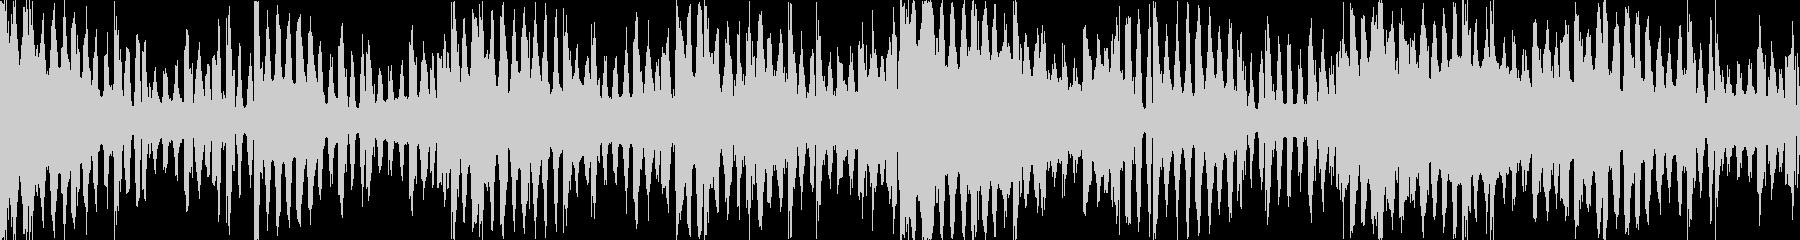 ダブステップ ホラー系の不気味なダブステの未再生の波形